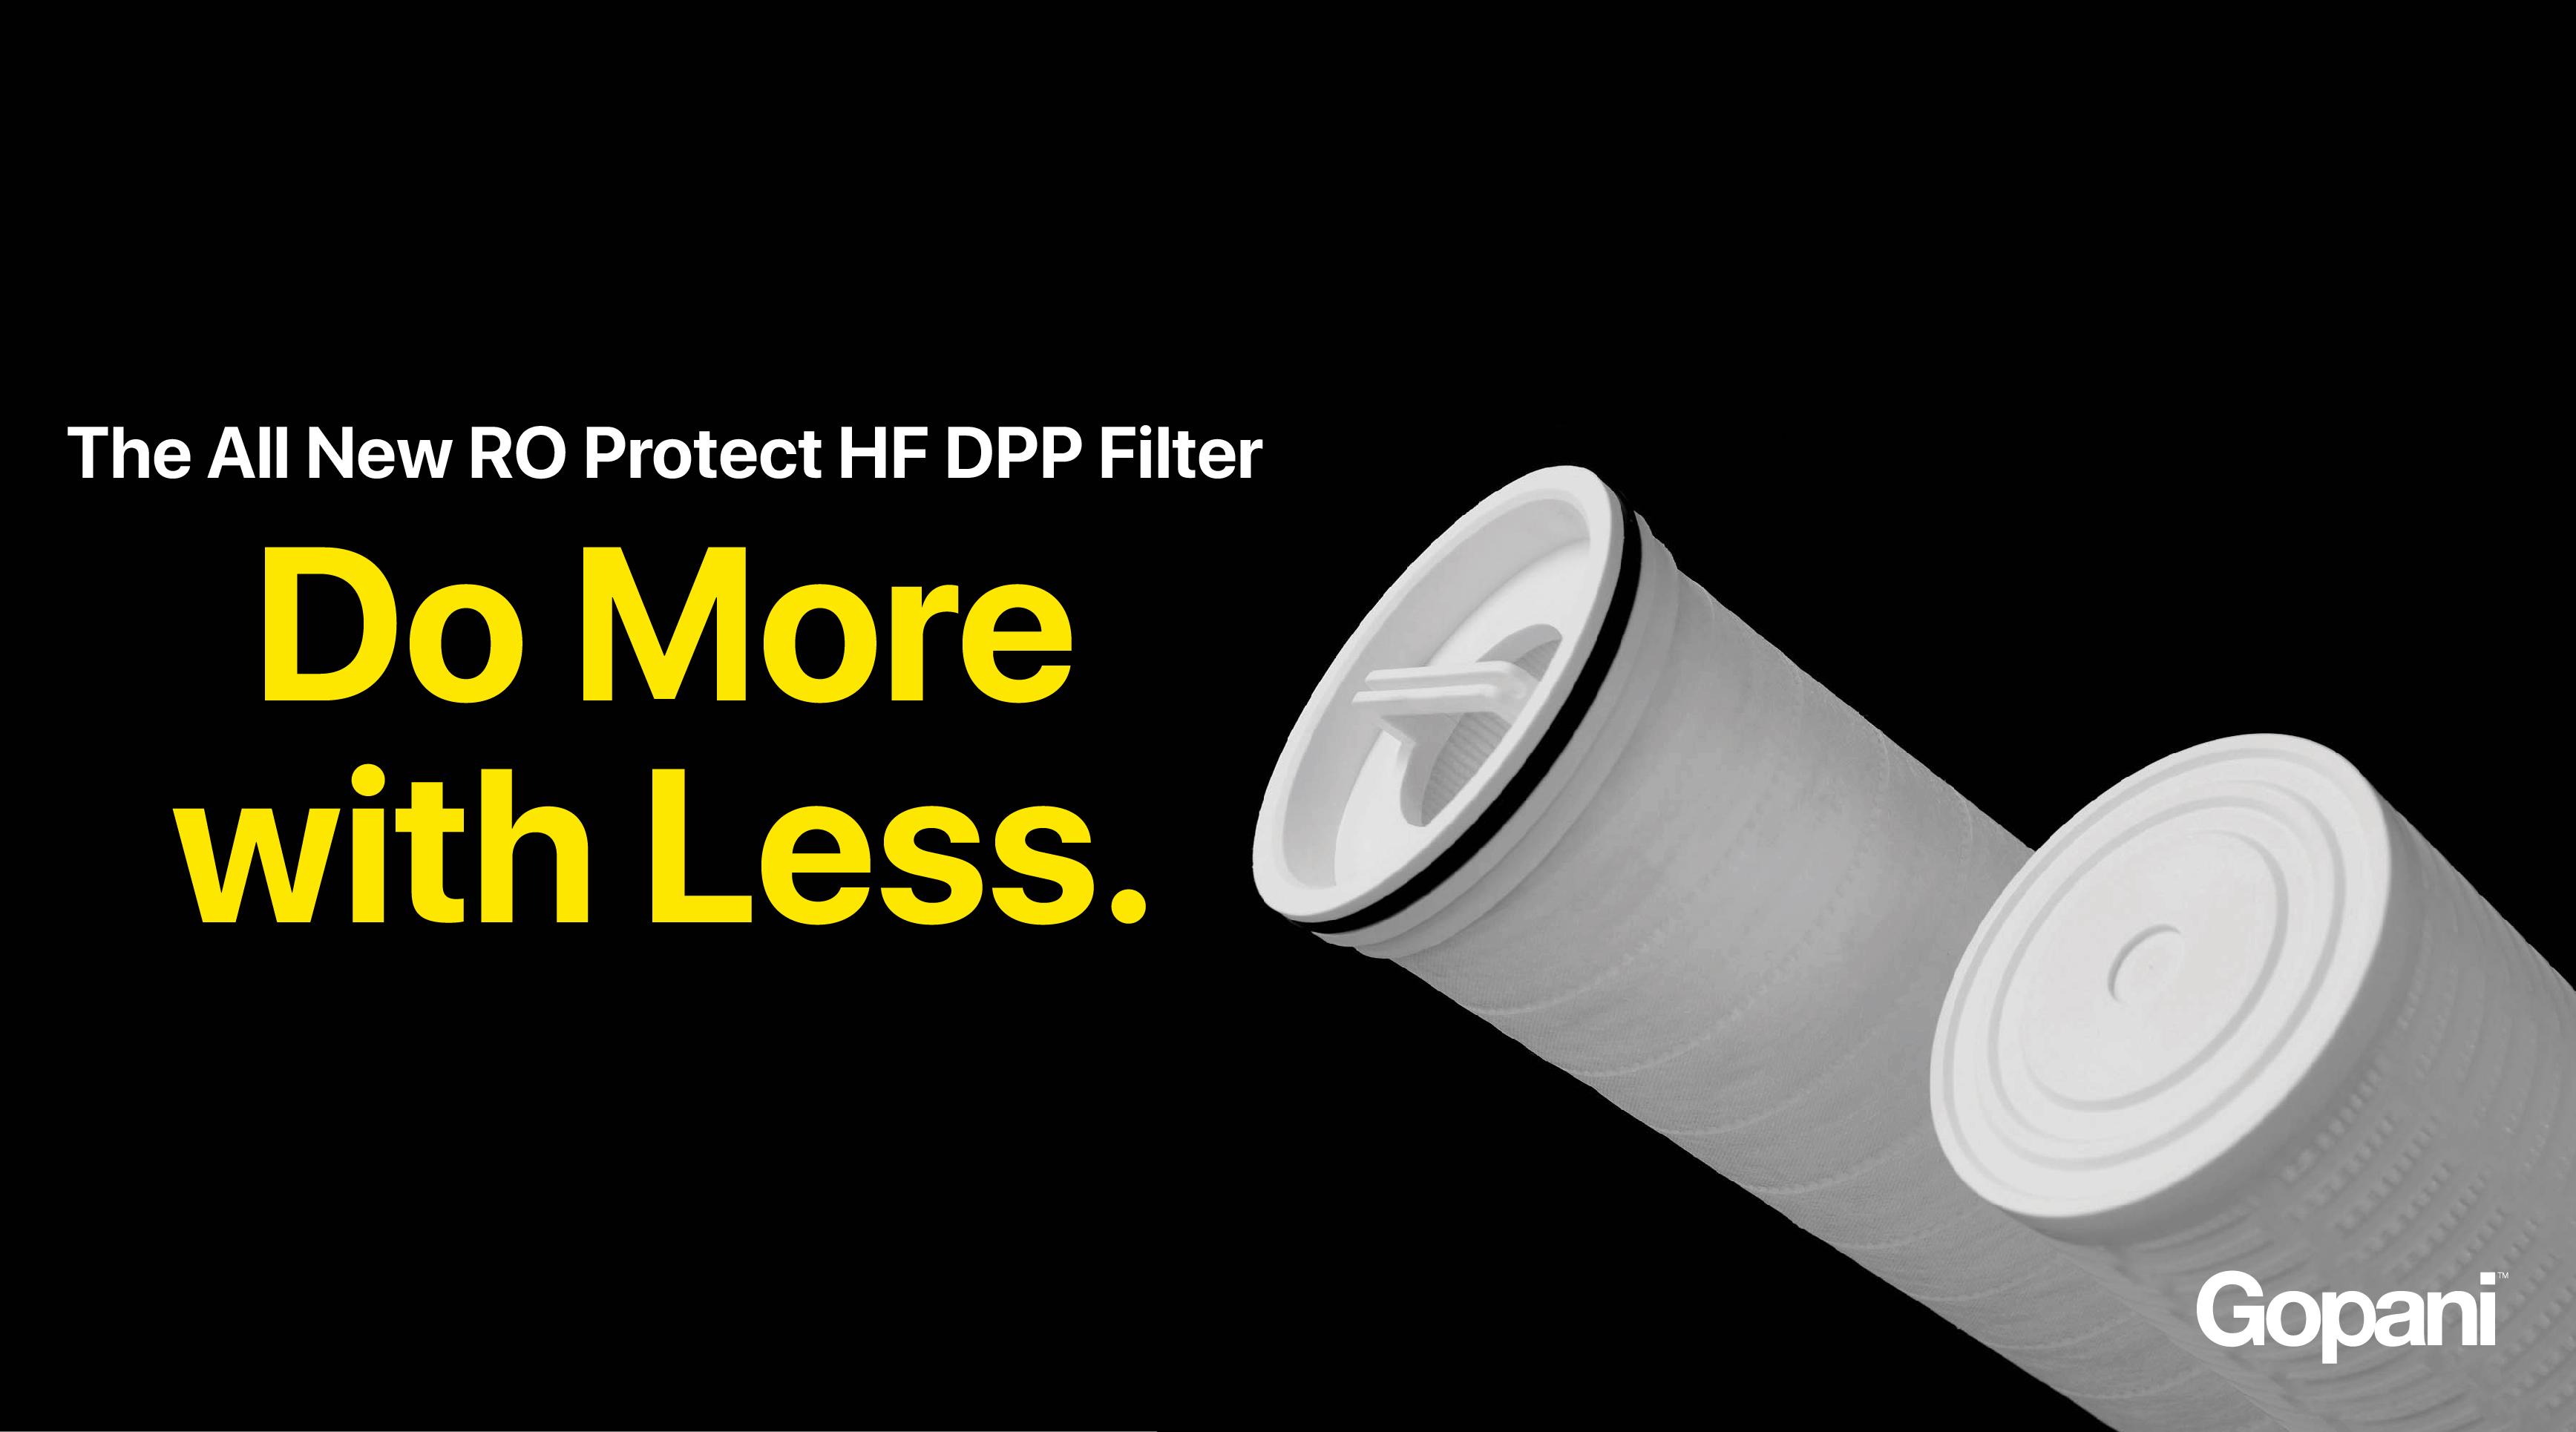 DPP_RO Protect HF DPP FIlter